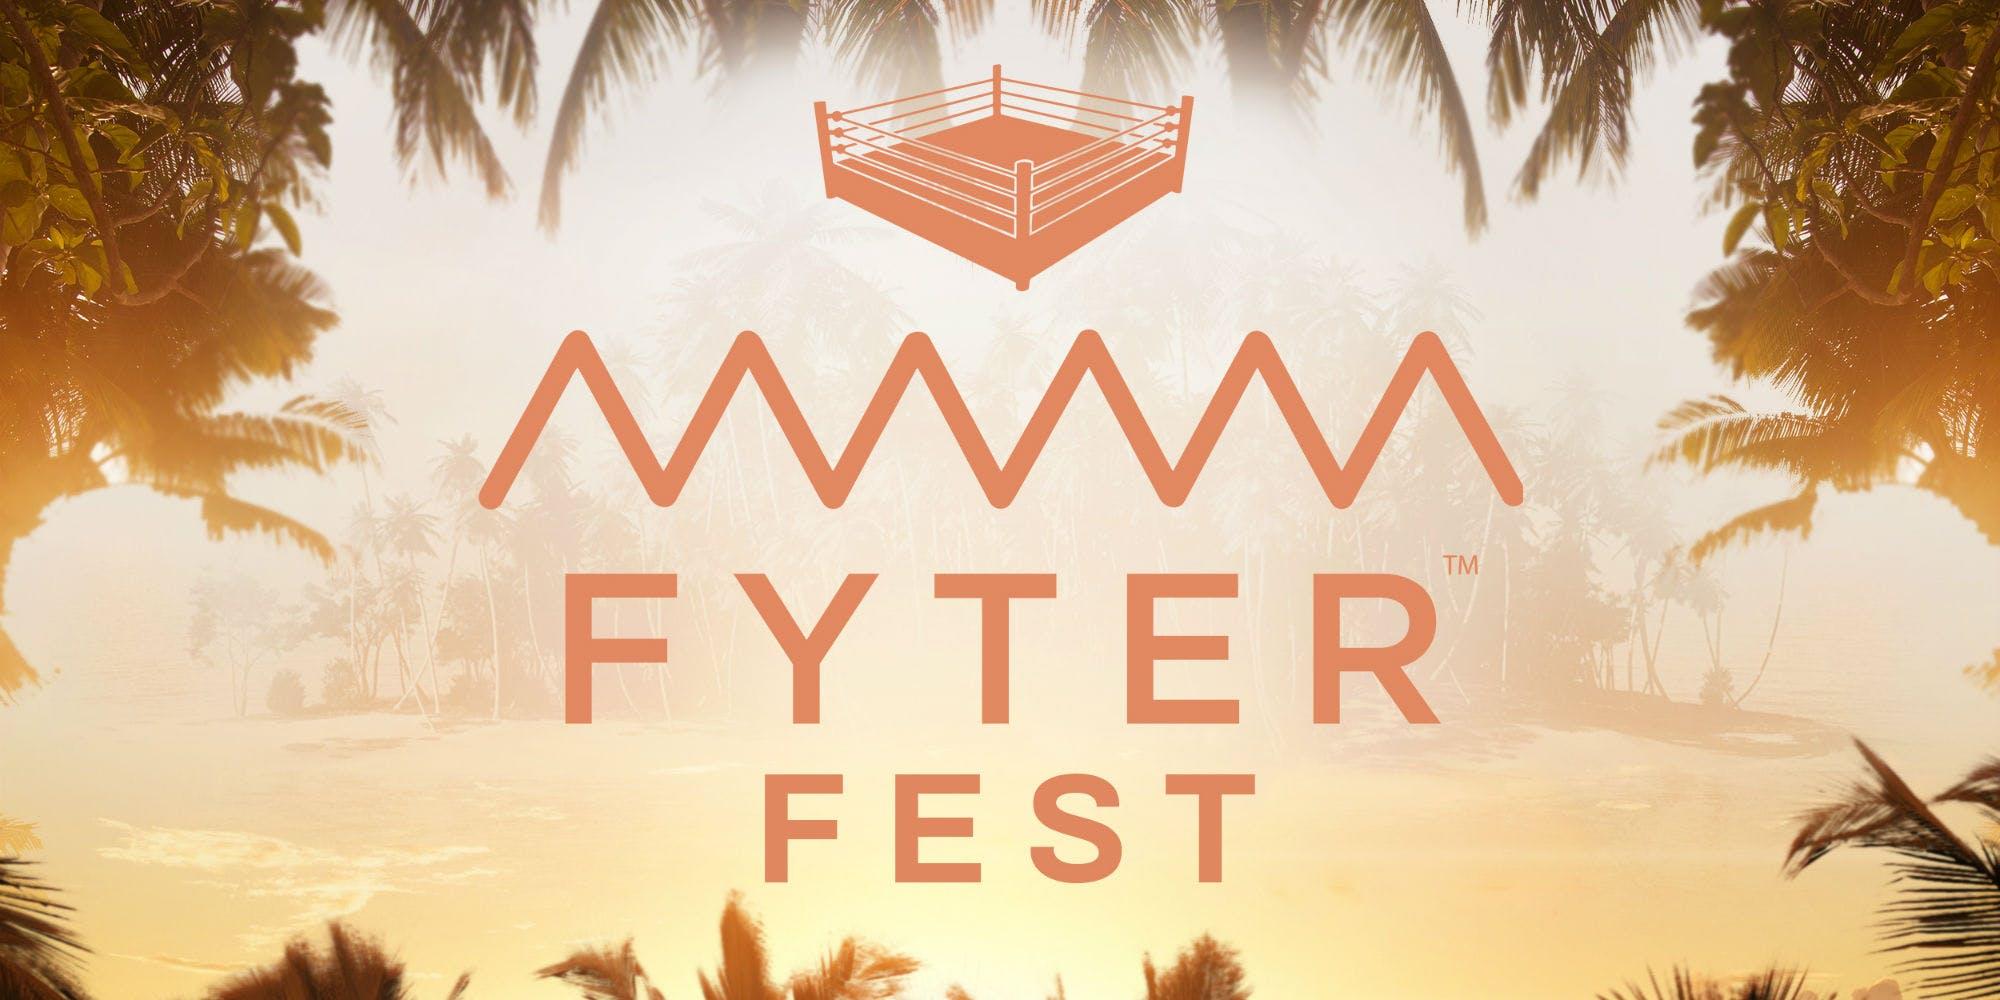 AEW-Fyter-Fest-Logo.jpg